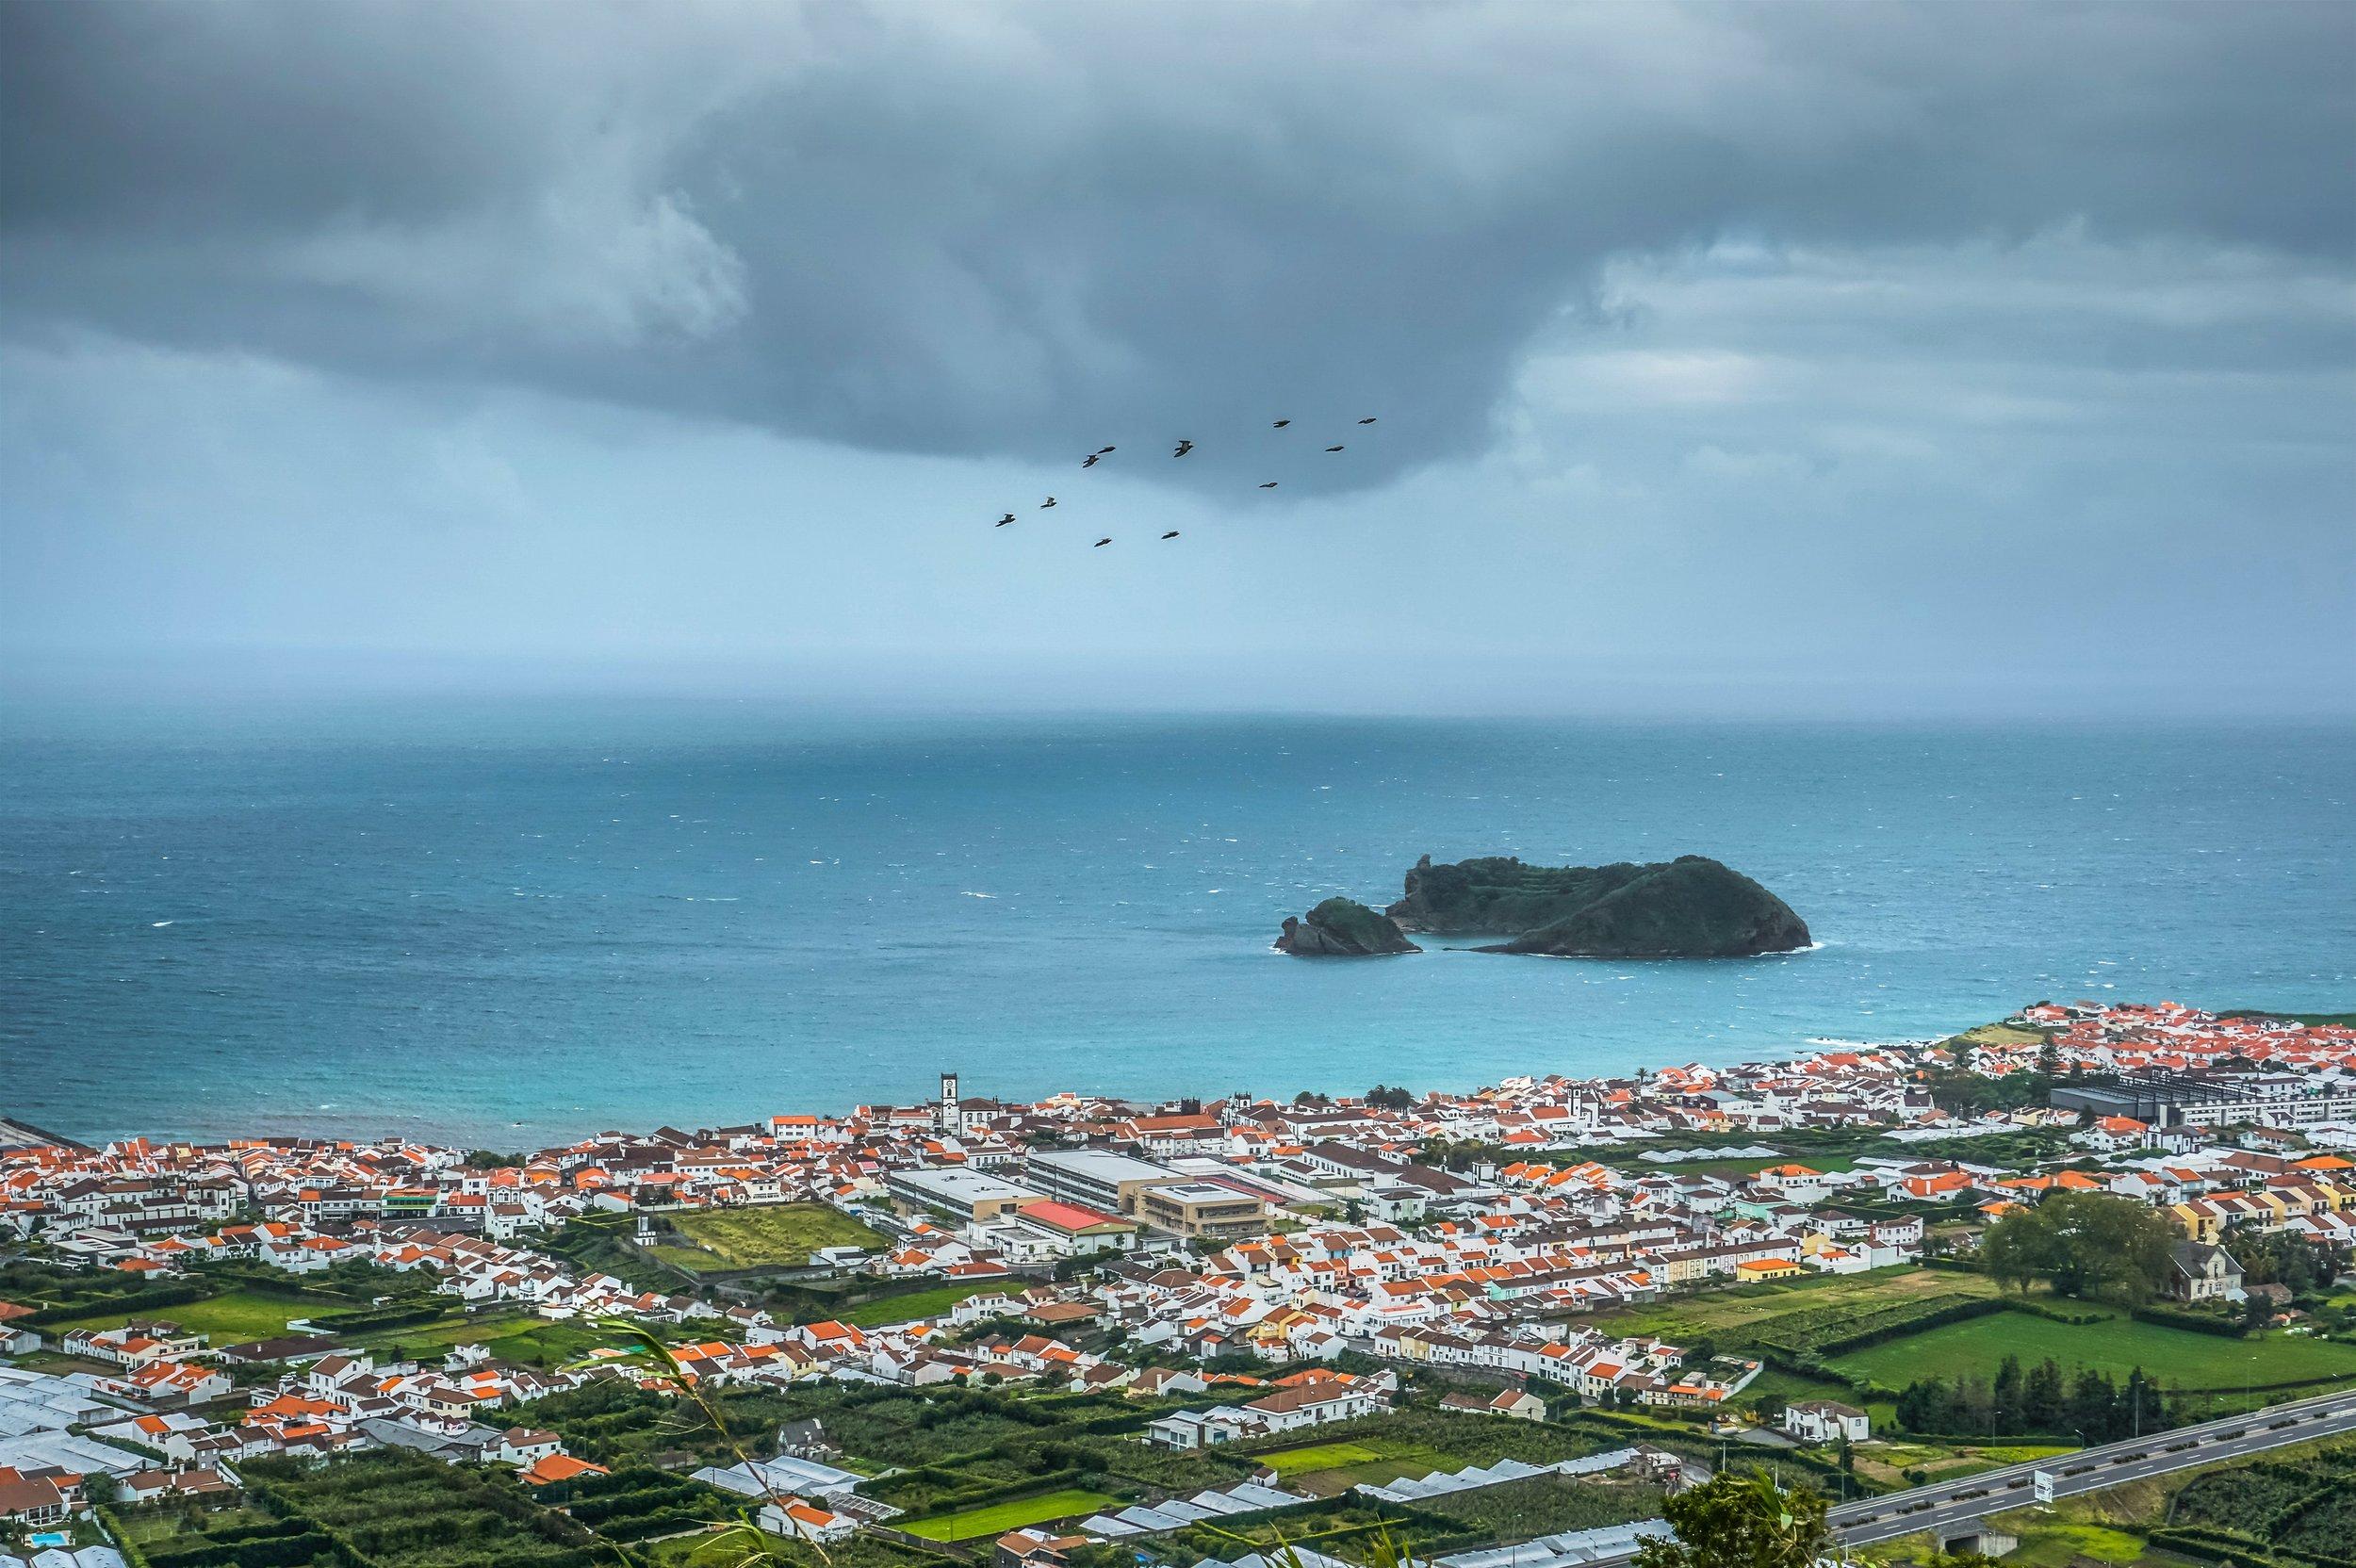 azores-cityscape-coast-121079.jpg